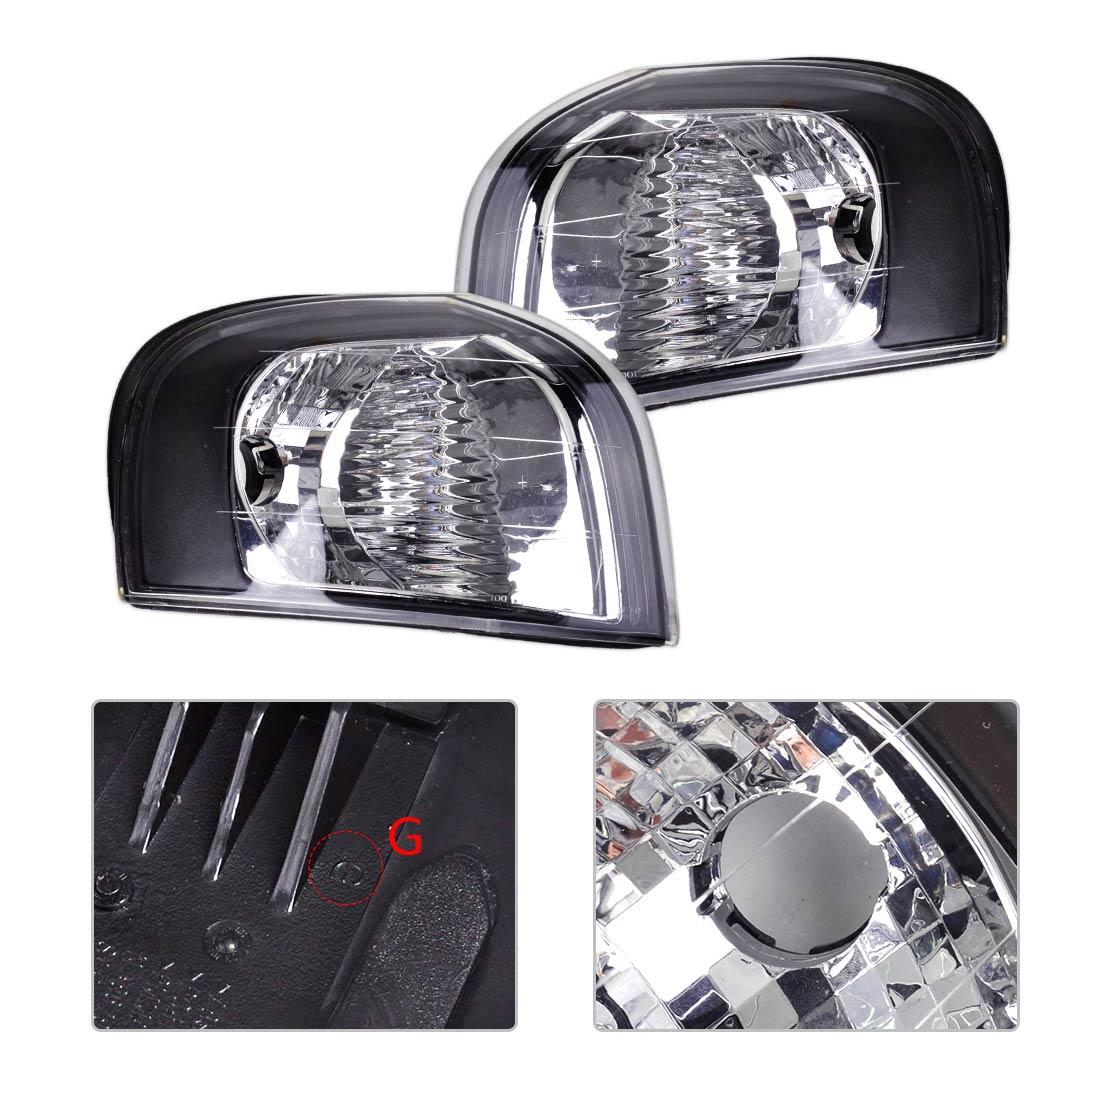 Автомобиль DWCX 2шт пластиковый угол сигнала поворота света Лампа 30655422 30655423 подходит для Volvo S81999-2001 2002 2003 2004 2005 2006